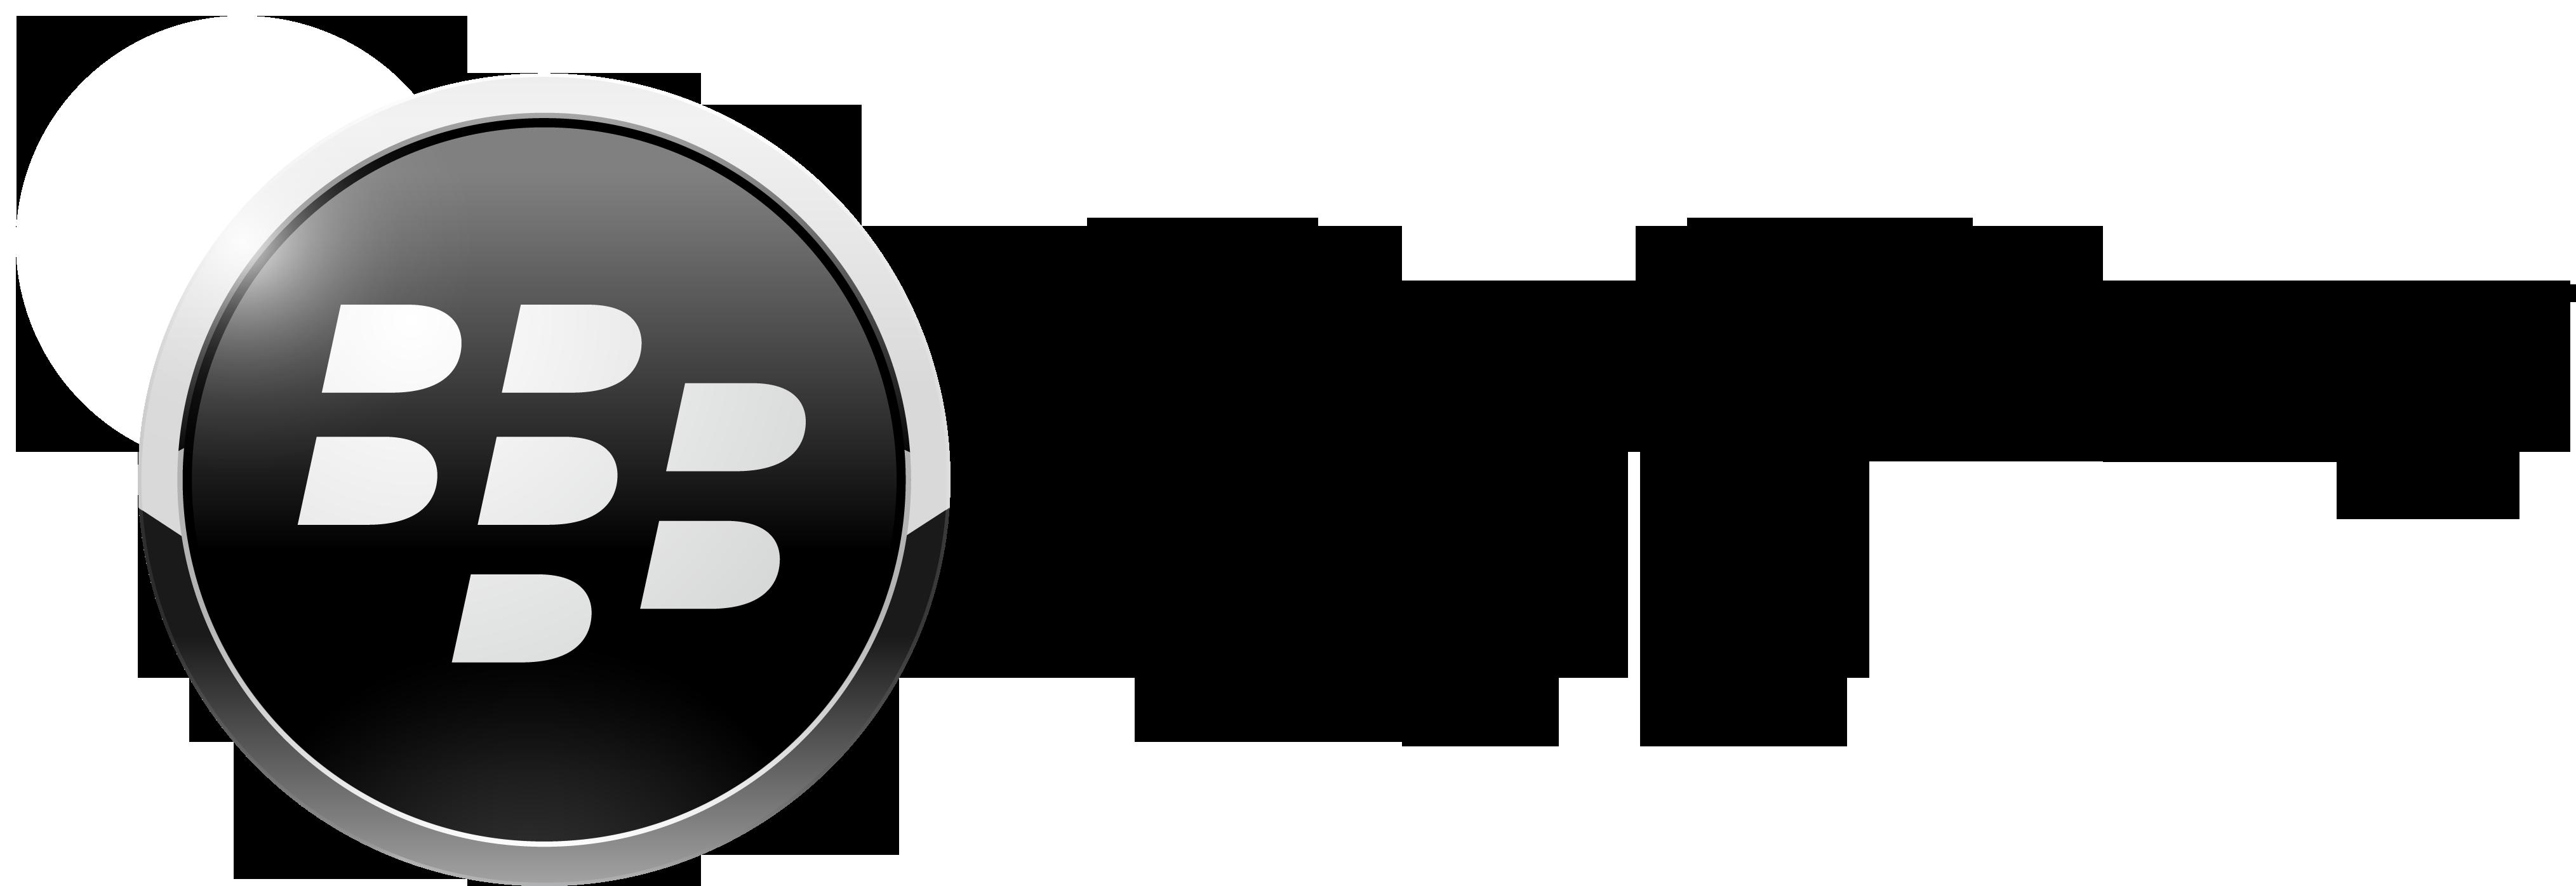 Blackberry Logo Vector PNG - 113768